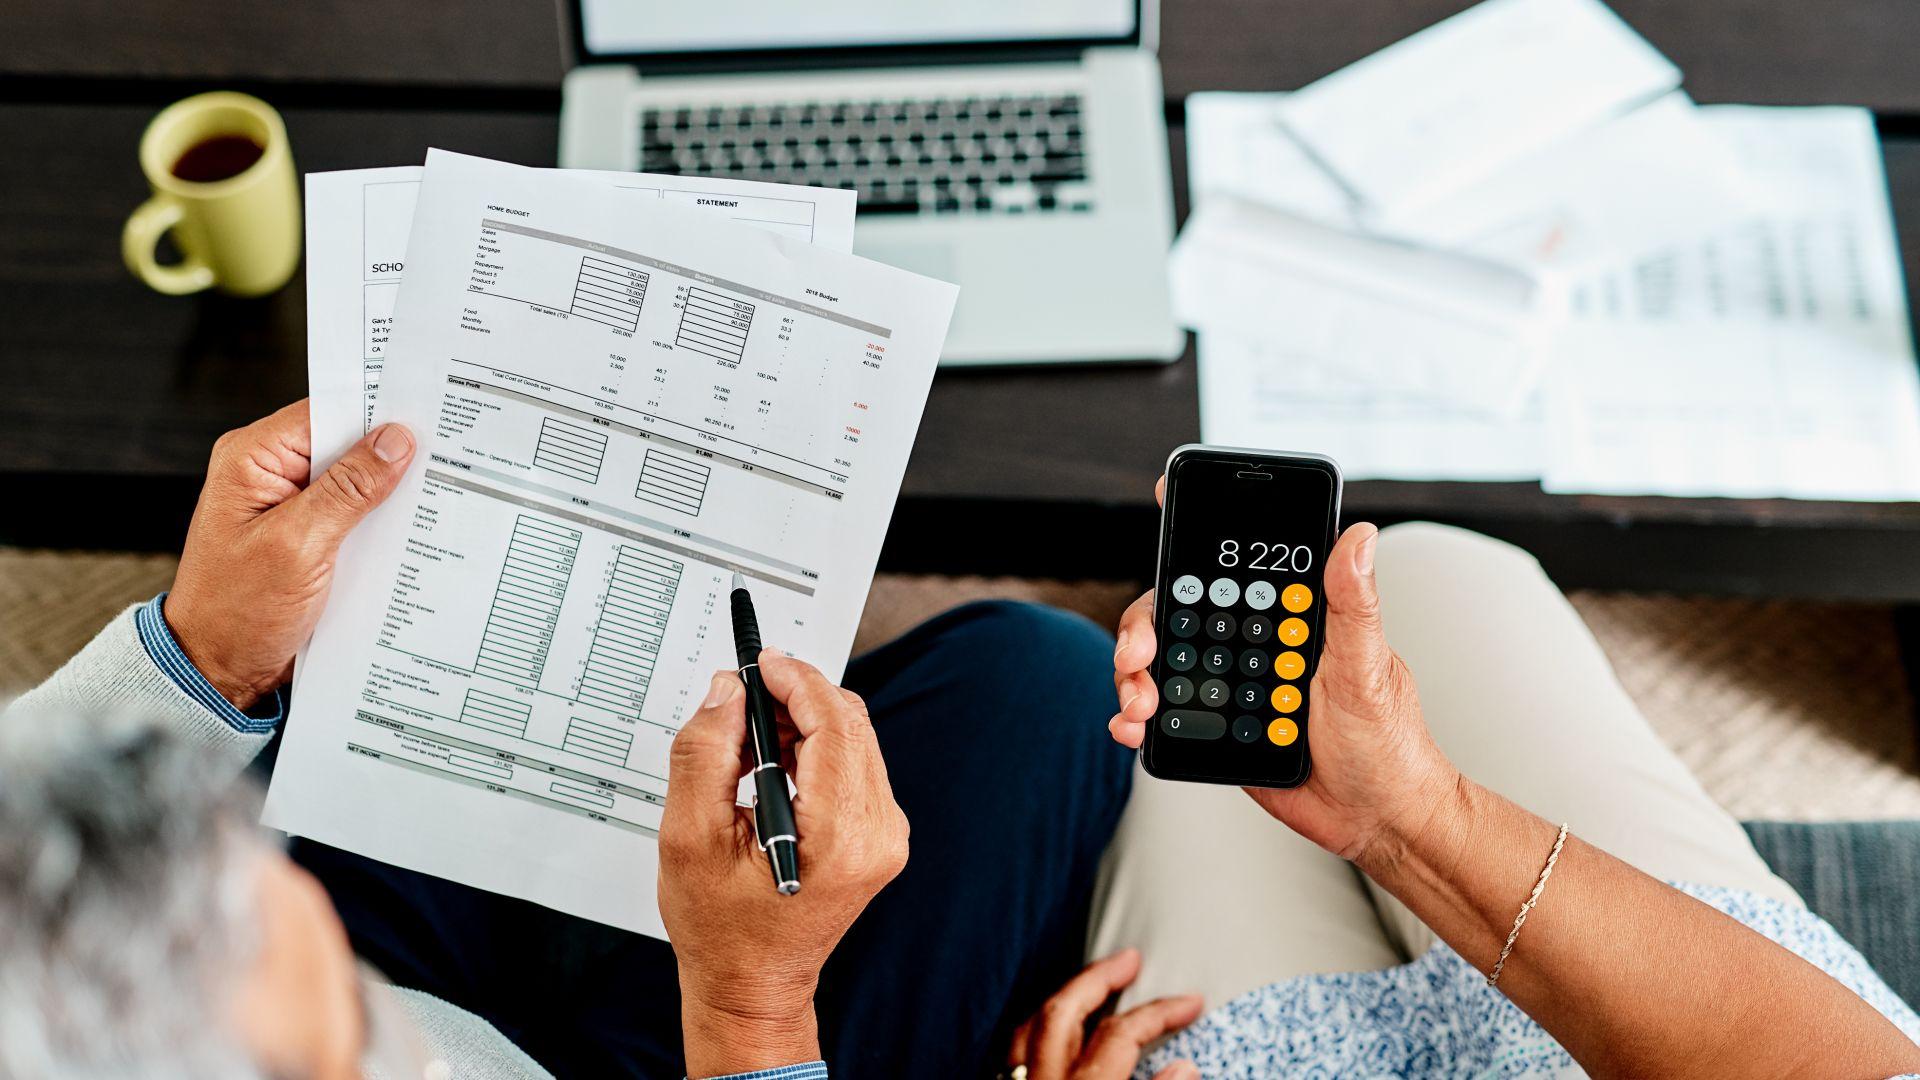 До 31 юли се декларират и плащат дължими данъци за второто тримесечие на 2020 г.